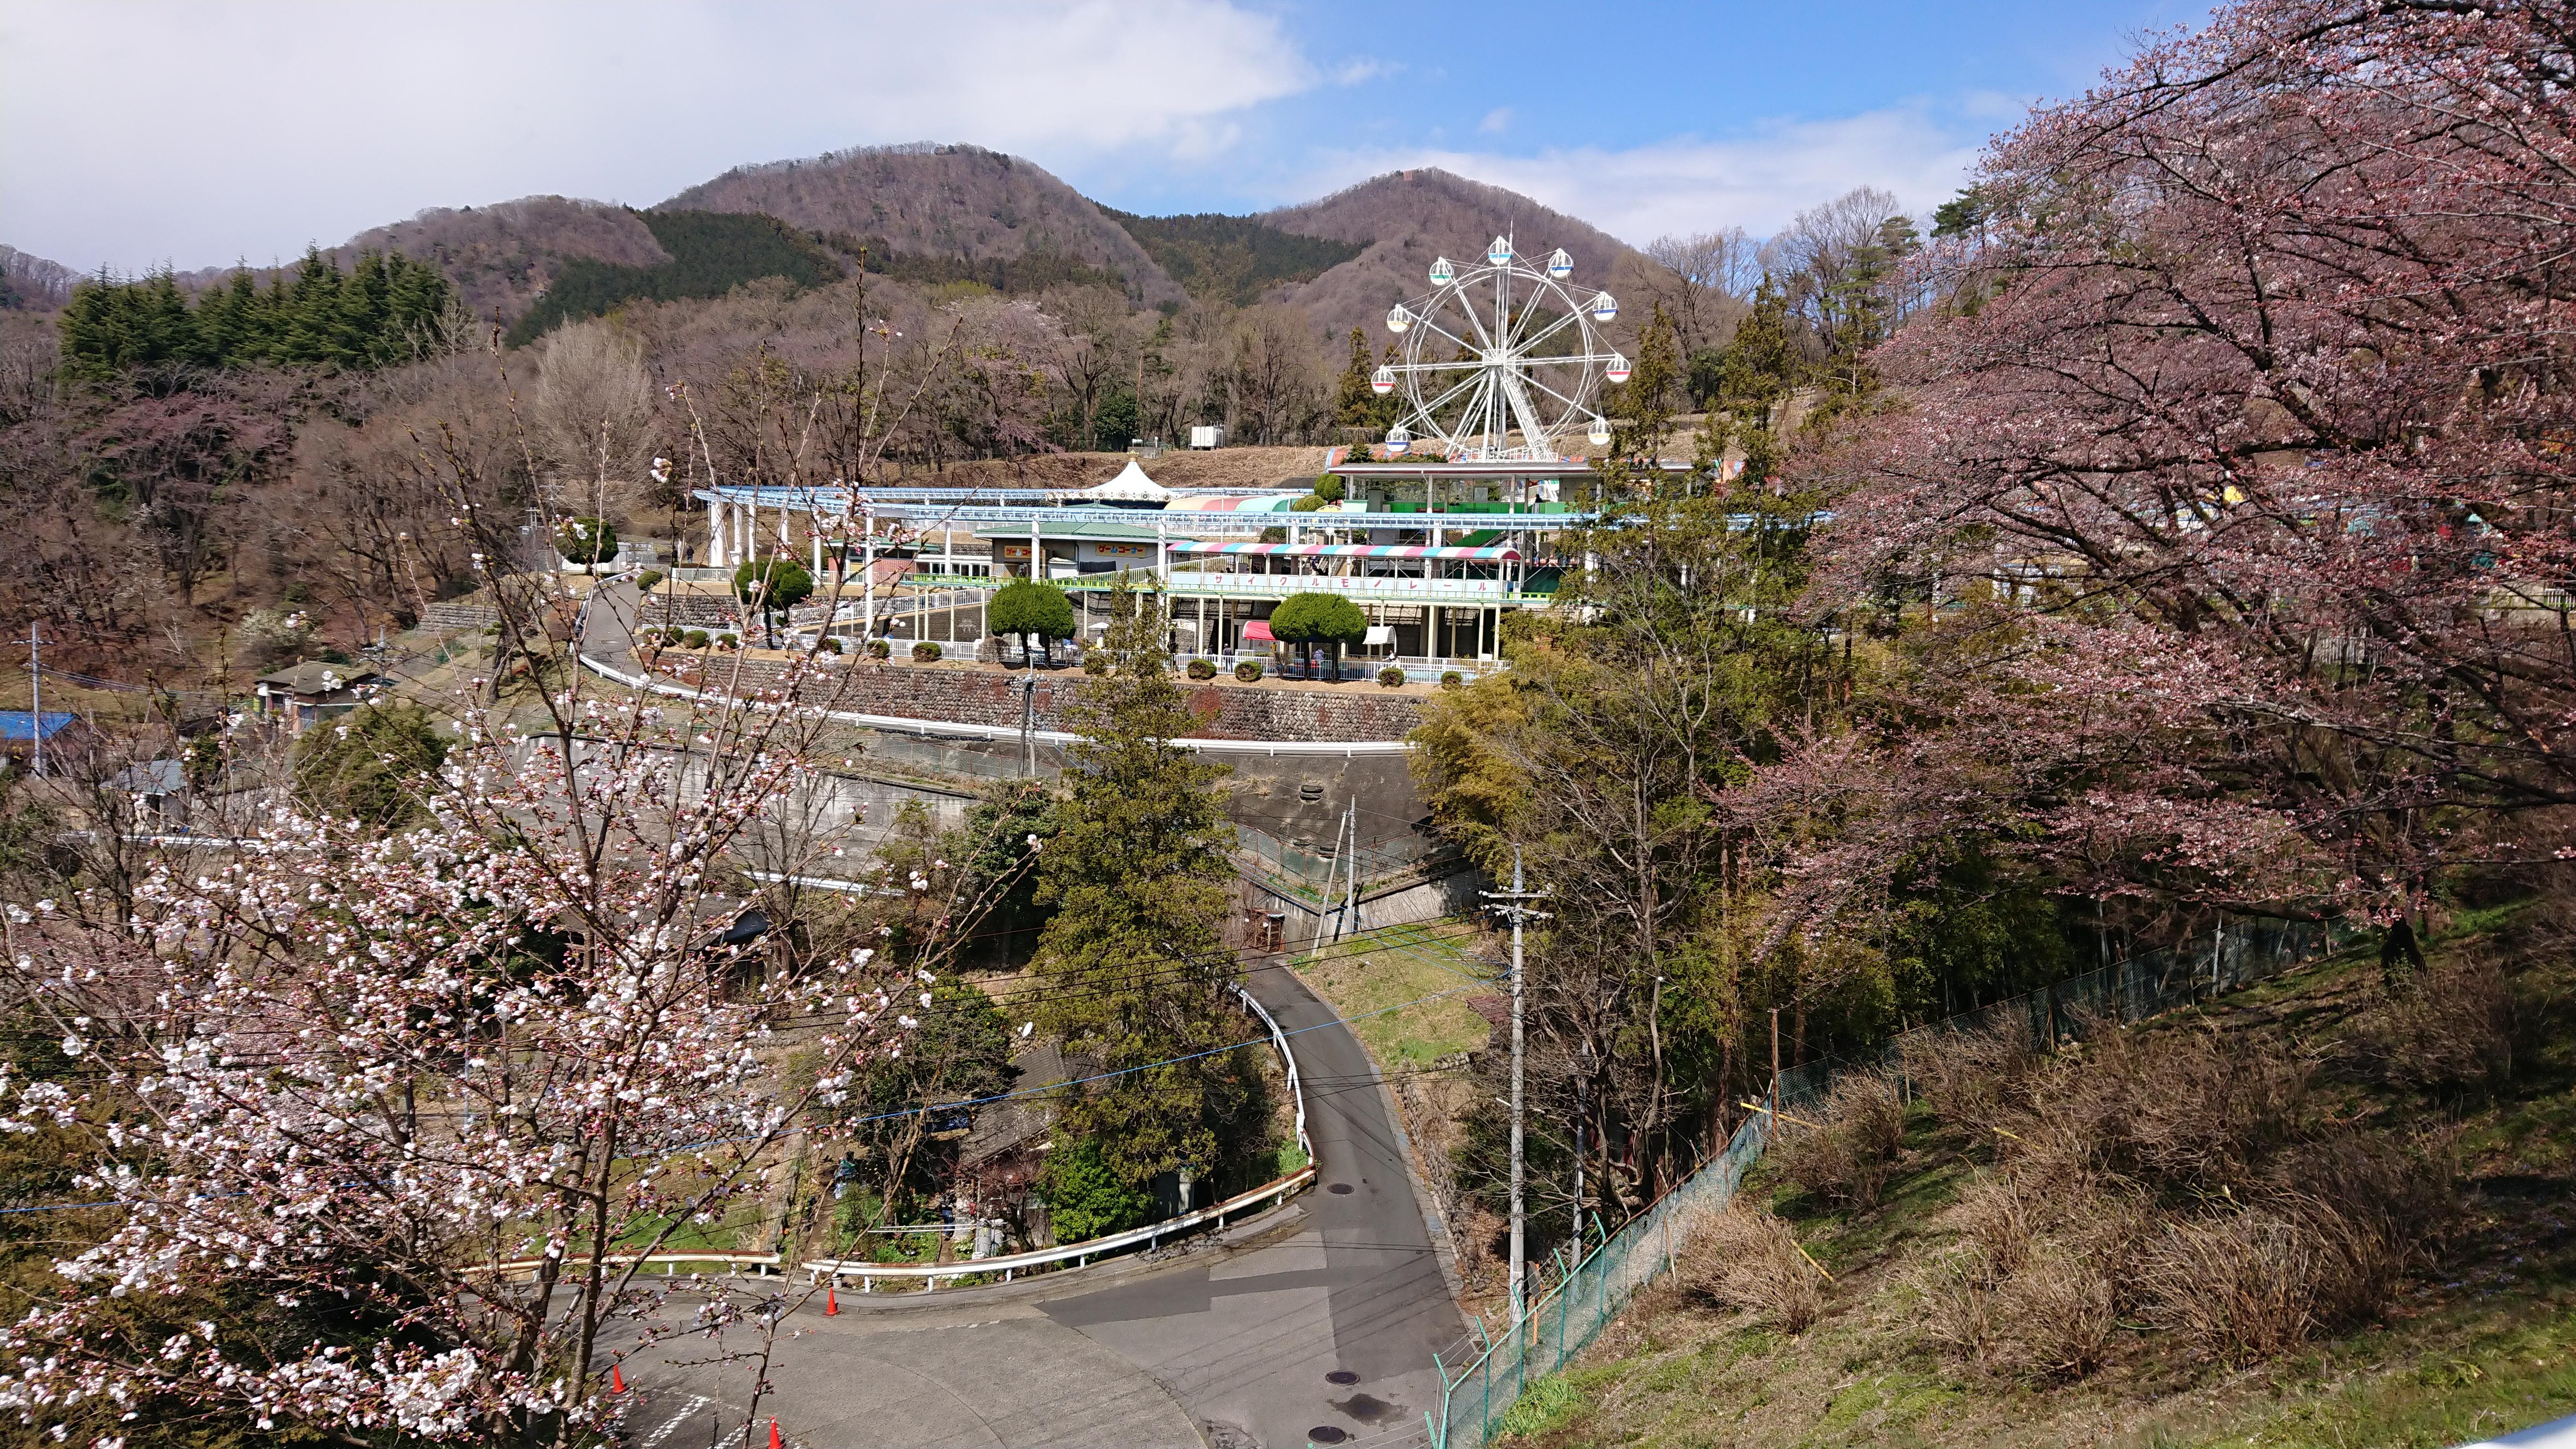 桐生ヶ丘から見下ろす風景